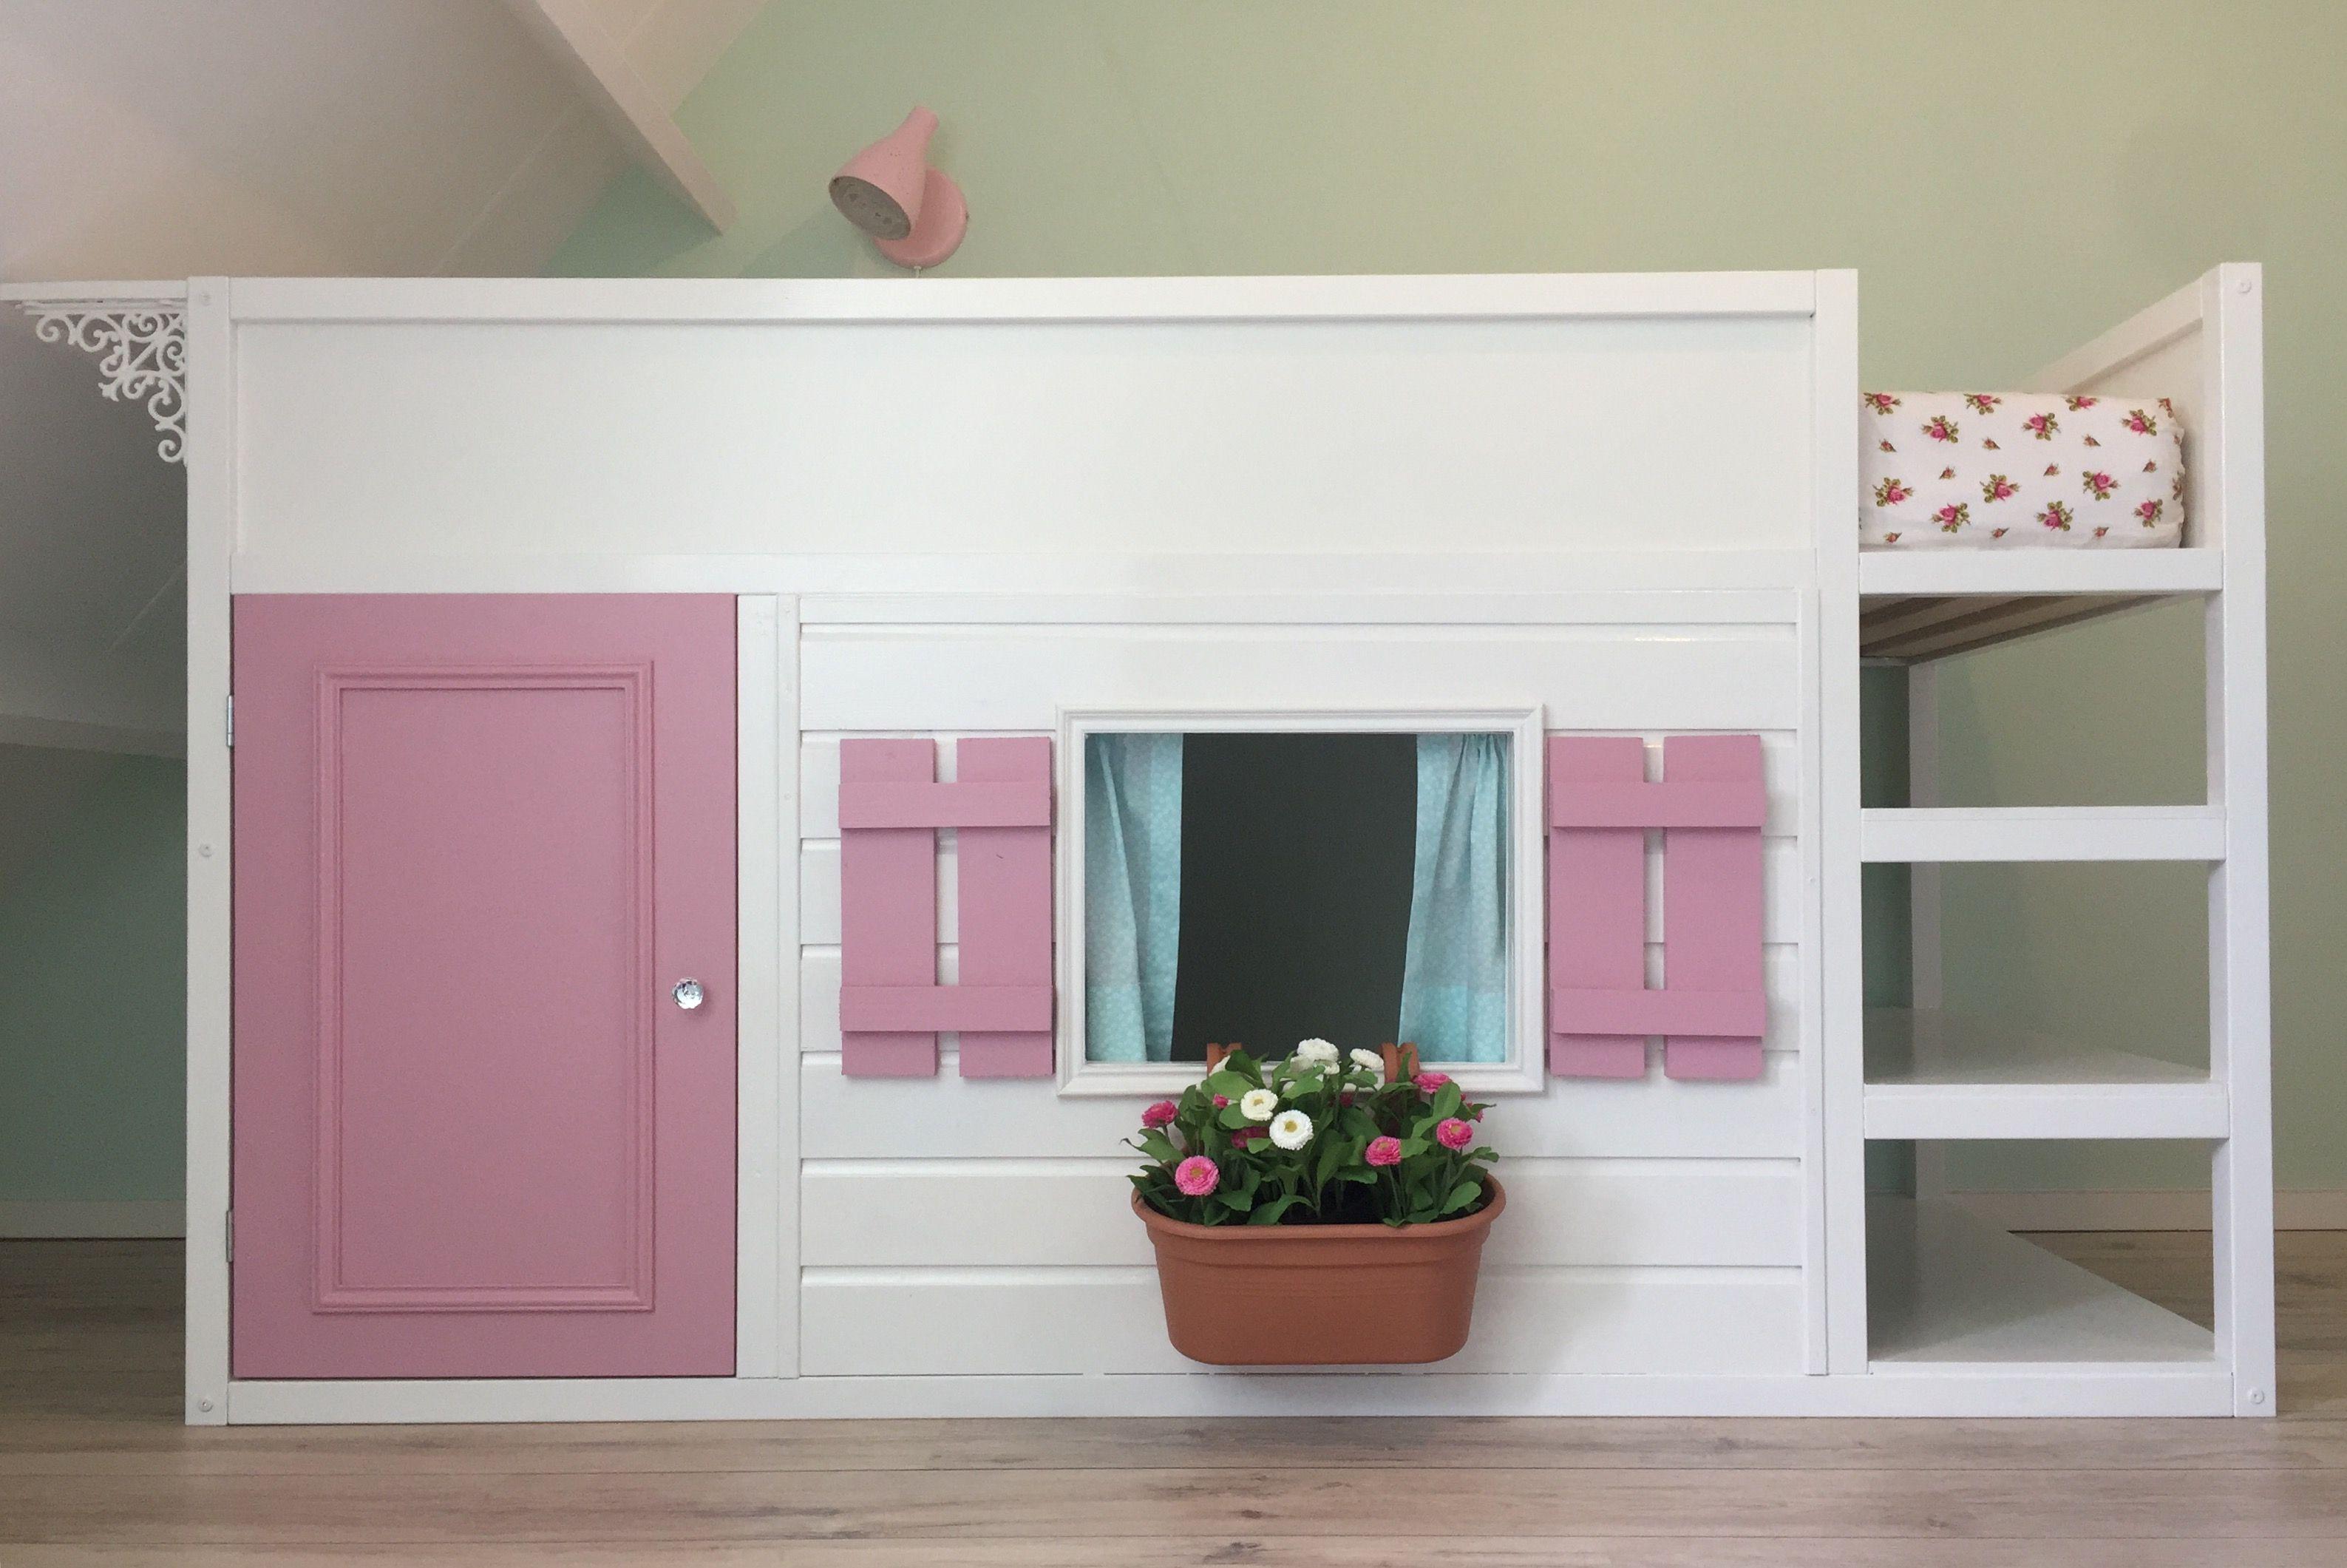 Ikea Kinderzimmer Etagenbett : Ikea kura bed hochbett kinderzimmer kinderbetten